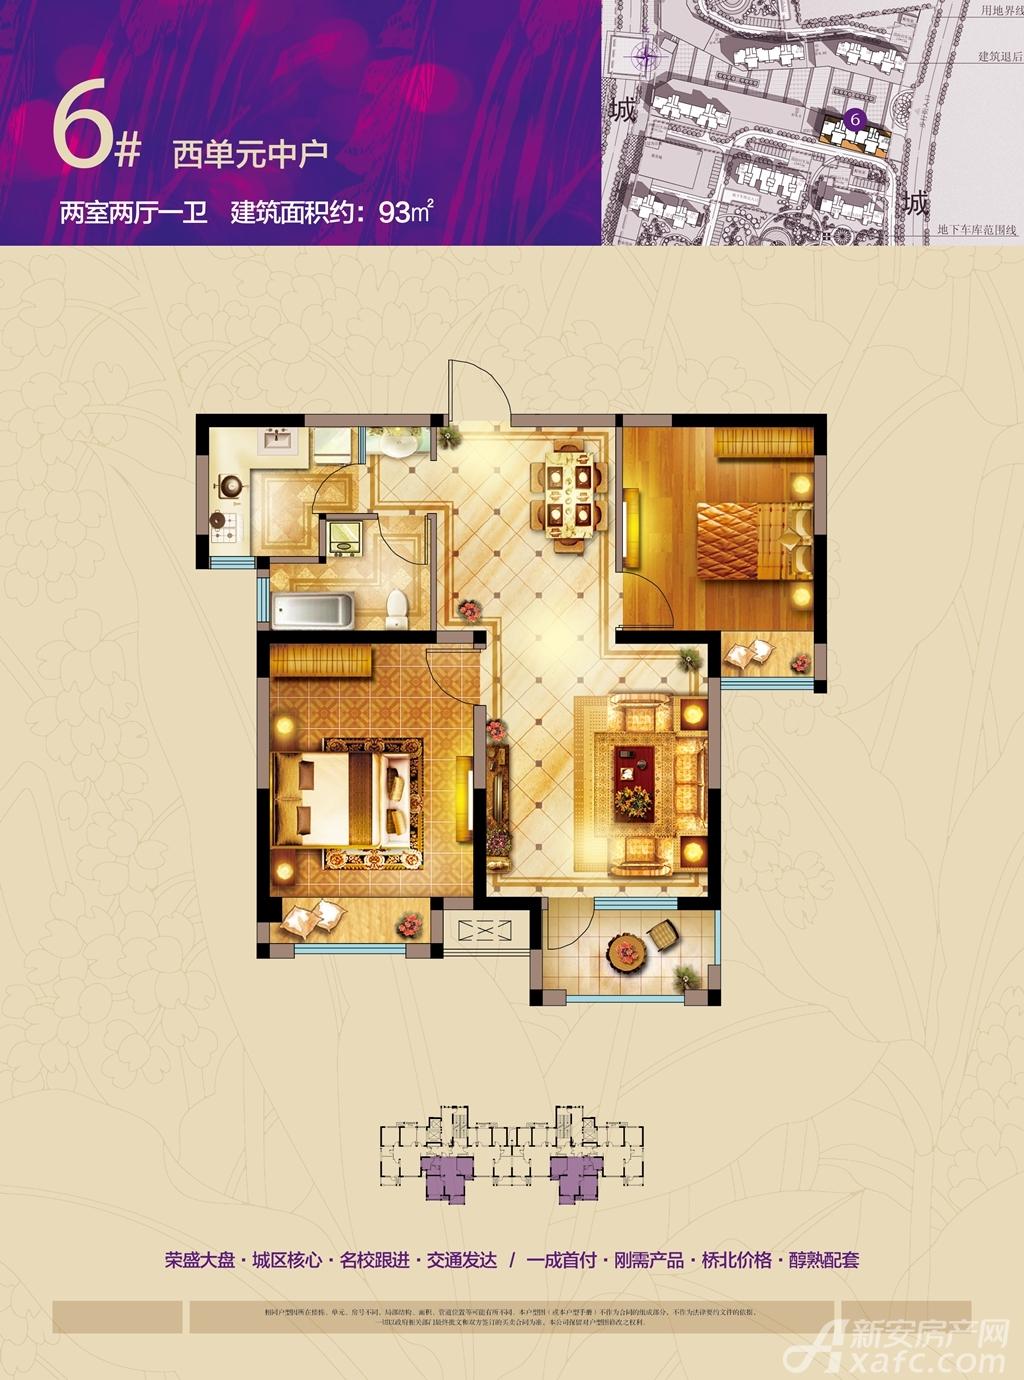 荣盛香榭兰庭荣盛香榭兰庭6#楼西单元中户户型图2室2厅93平米